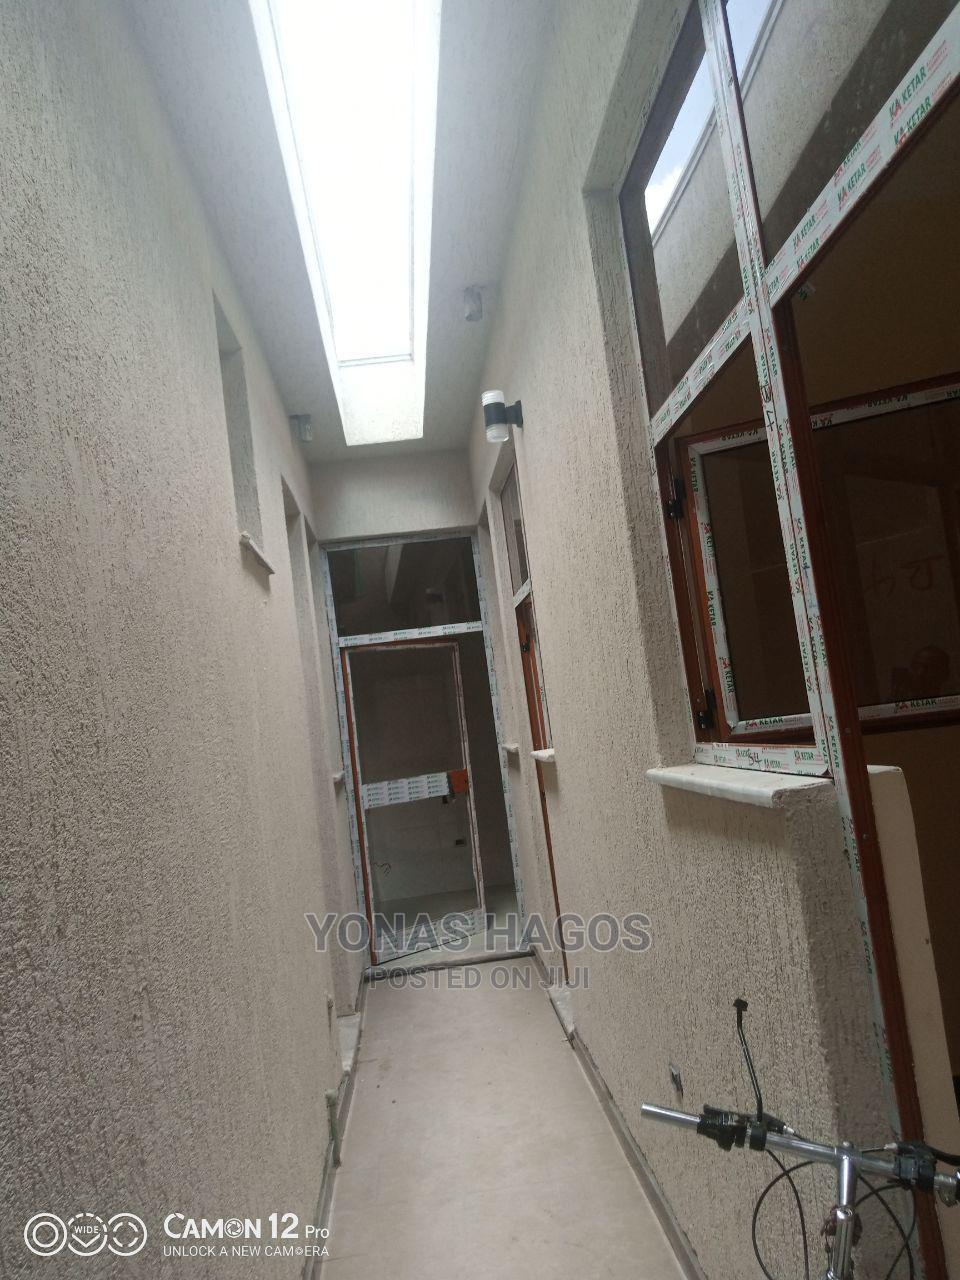 3bdrm Villa in ኤመራልድ, Bole for Sale